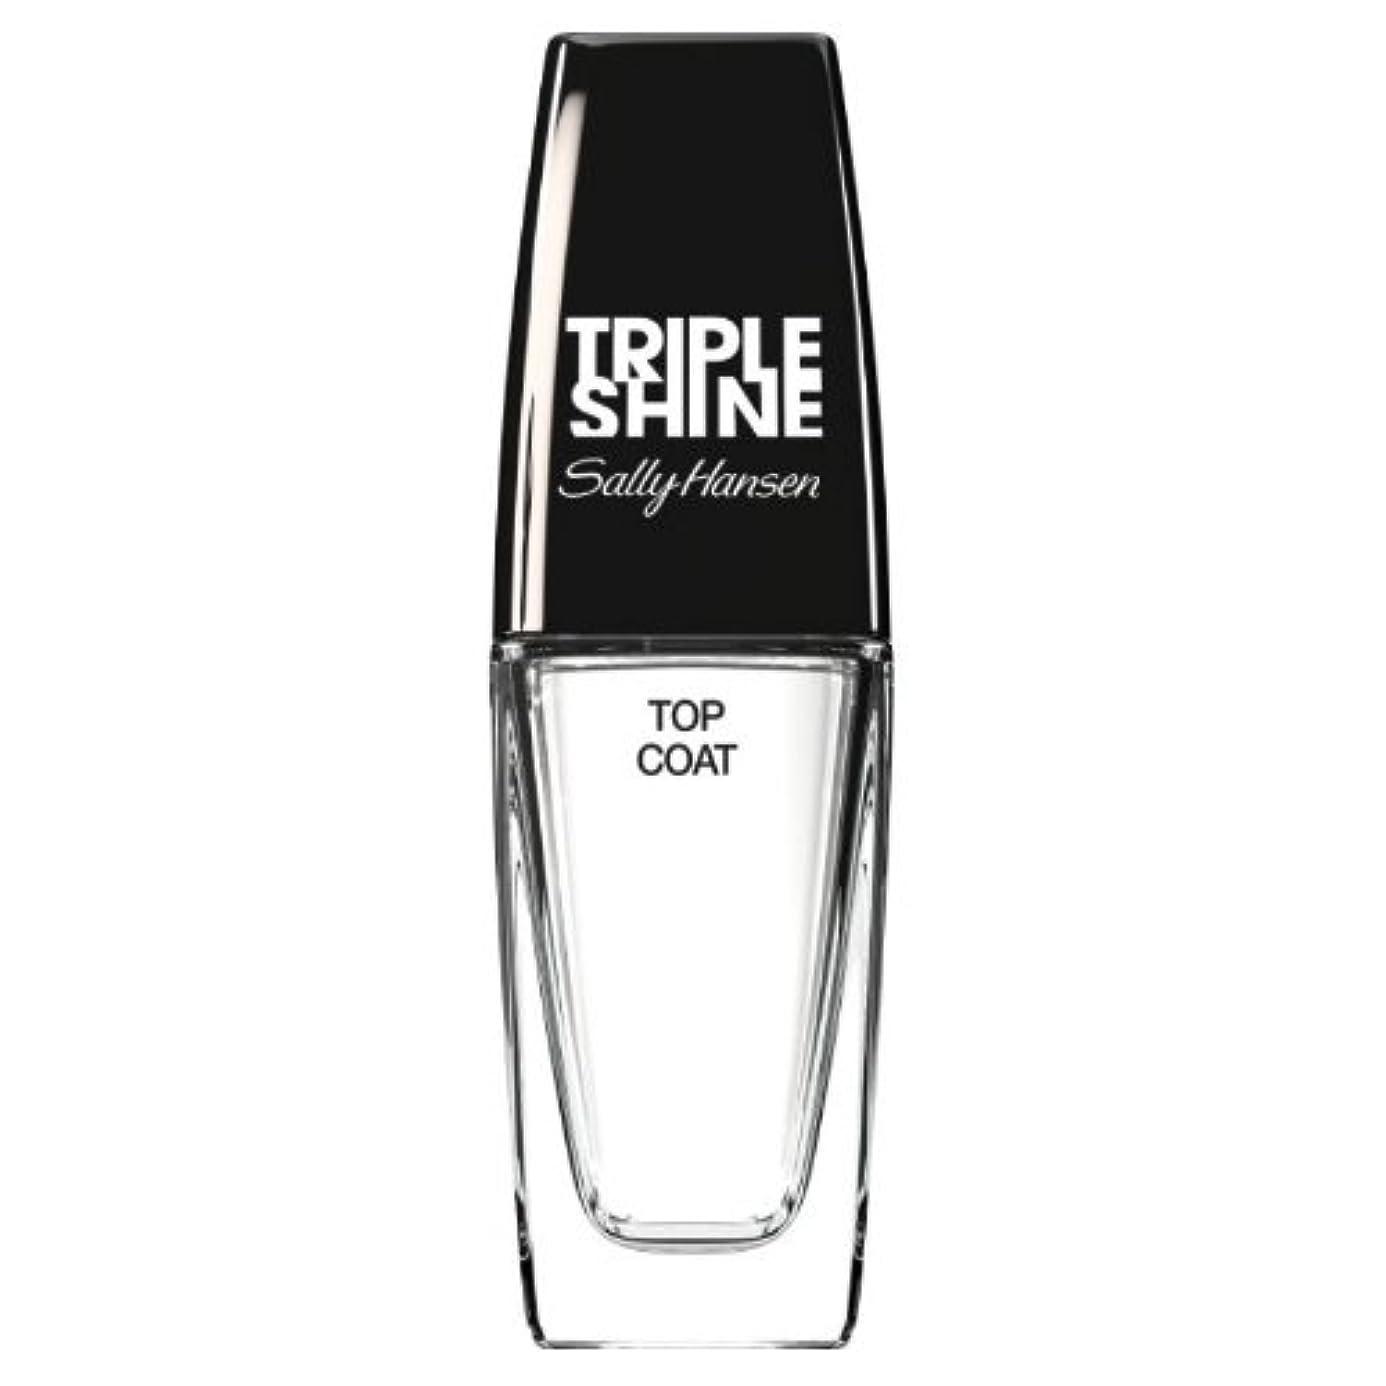 スピーカークラフト登録する(3 Pack) SALLY HANSEN Triple Shine Top Coat - Triple Shine Top Coat (並行輸入品)